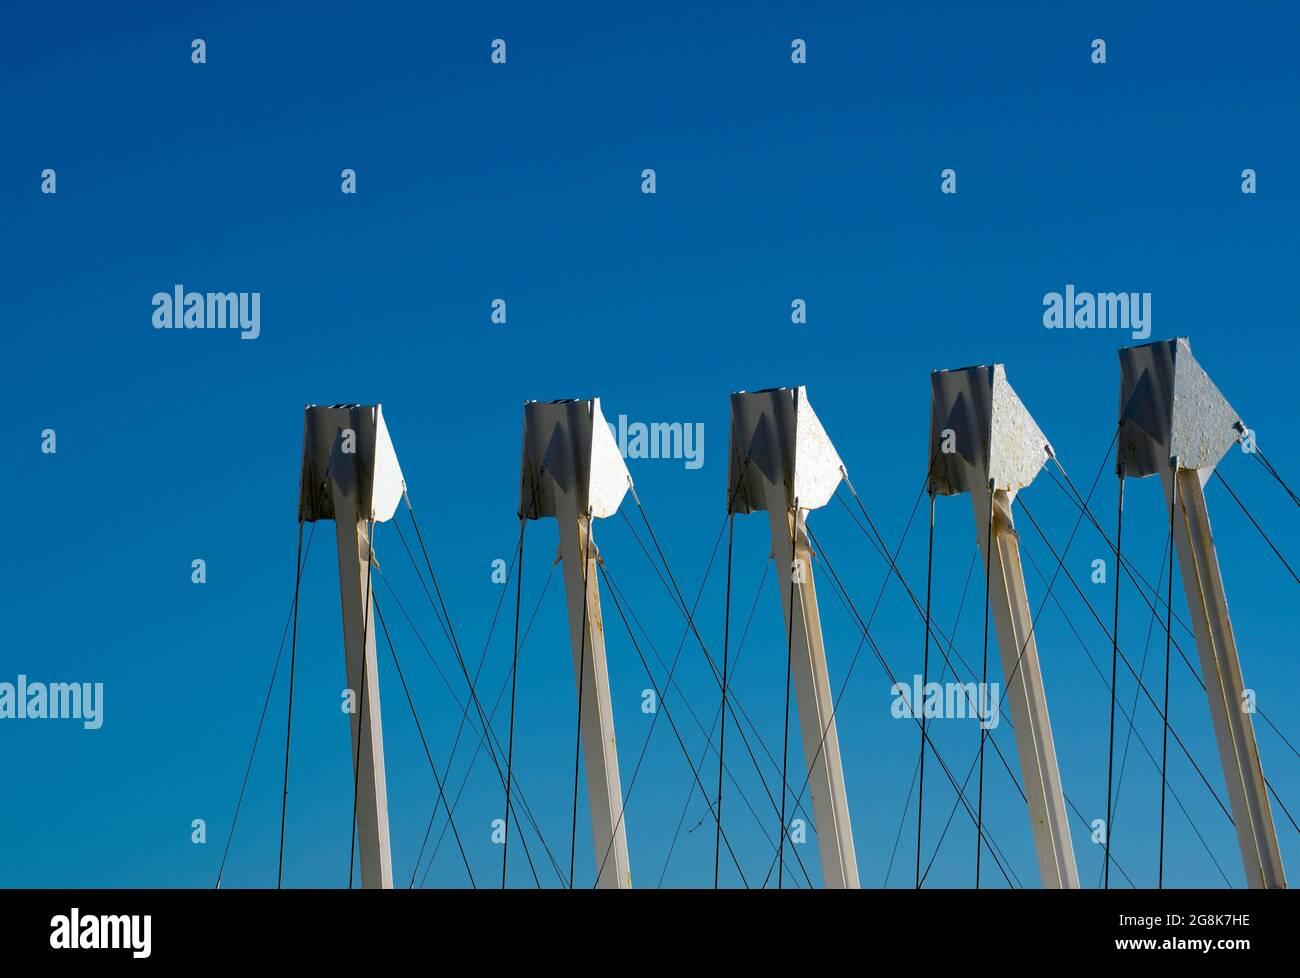 Torrox Costa, Espagne vue détaillée de l'architecture moderne Résumé concept ciel bleu clair fournit l'espace de copie image détaillée de la structure métallique Banque D'Images